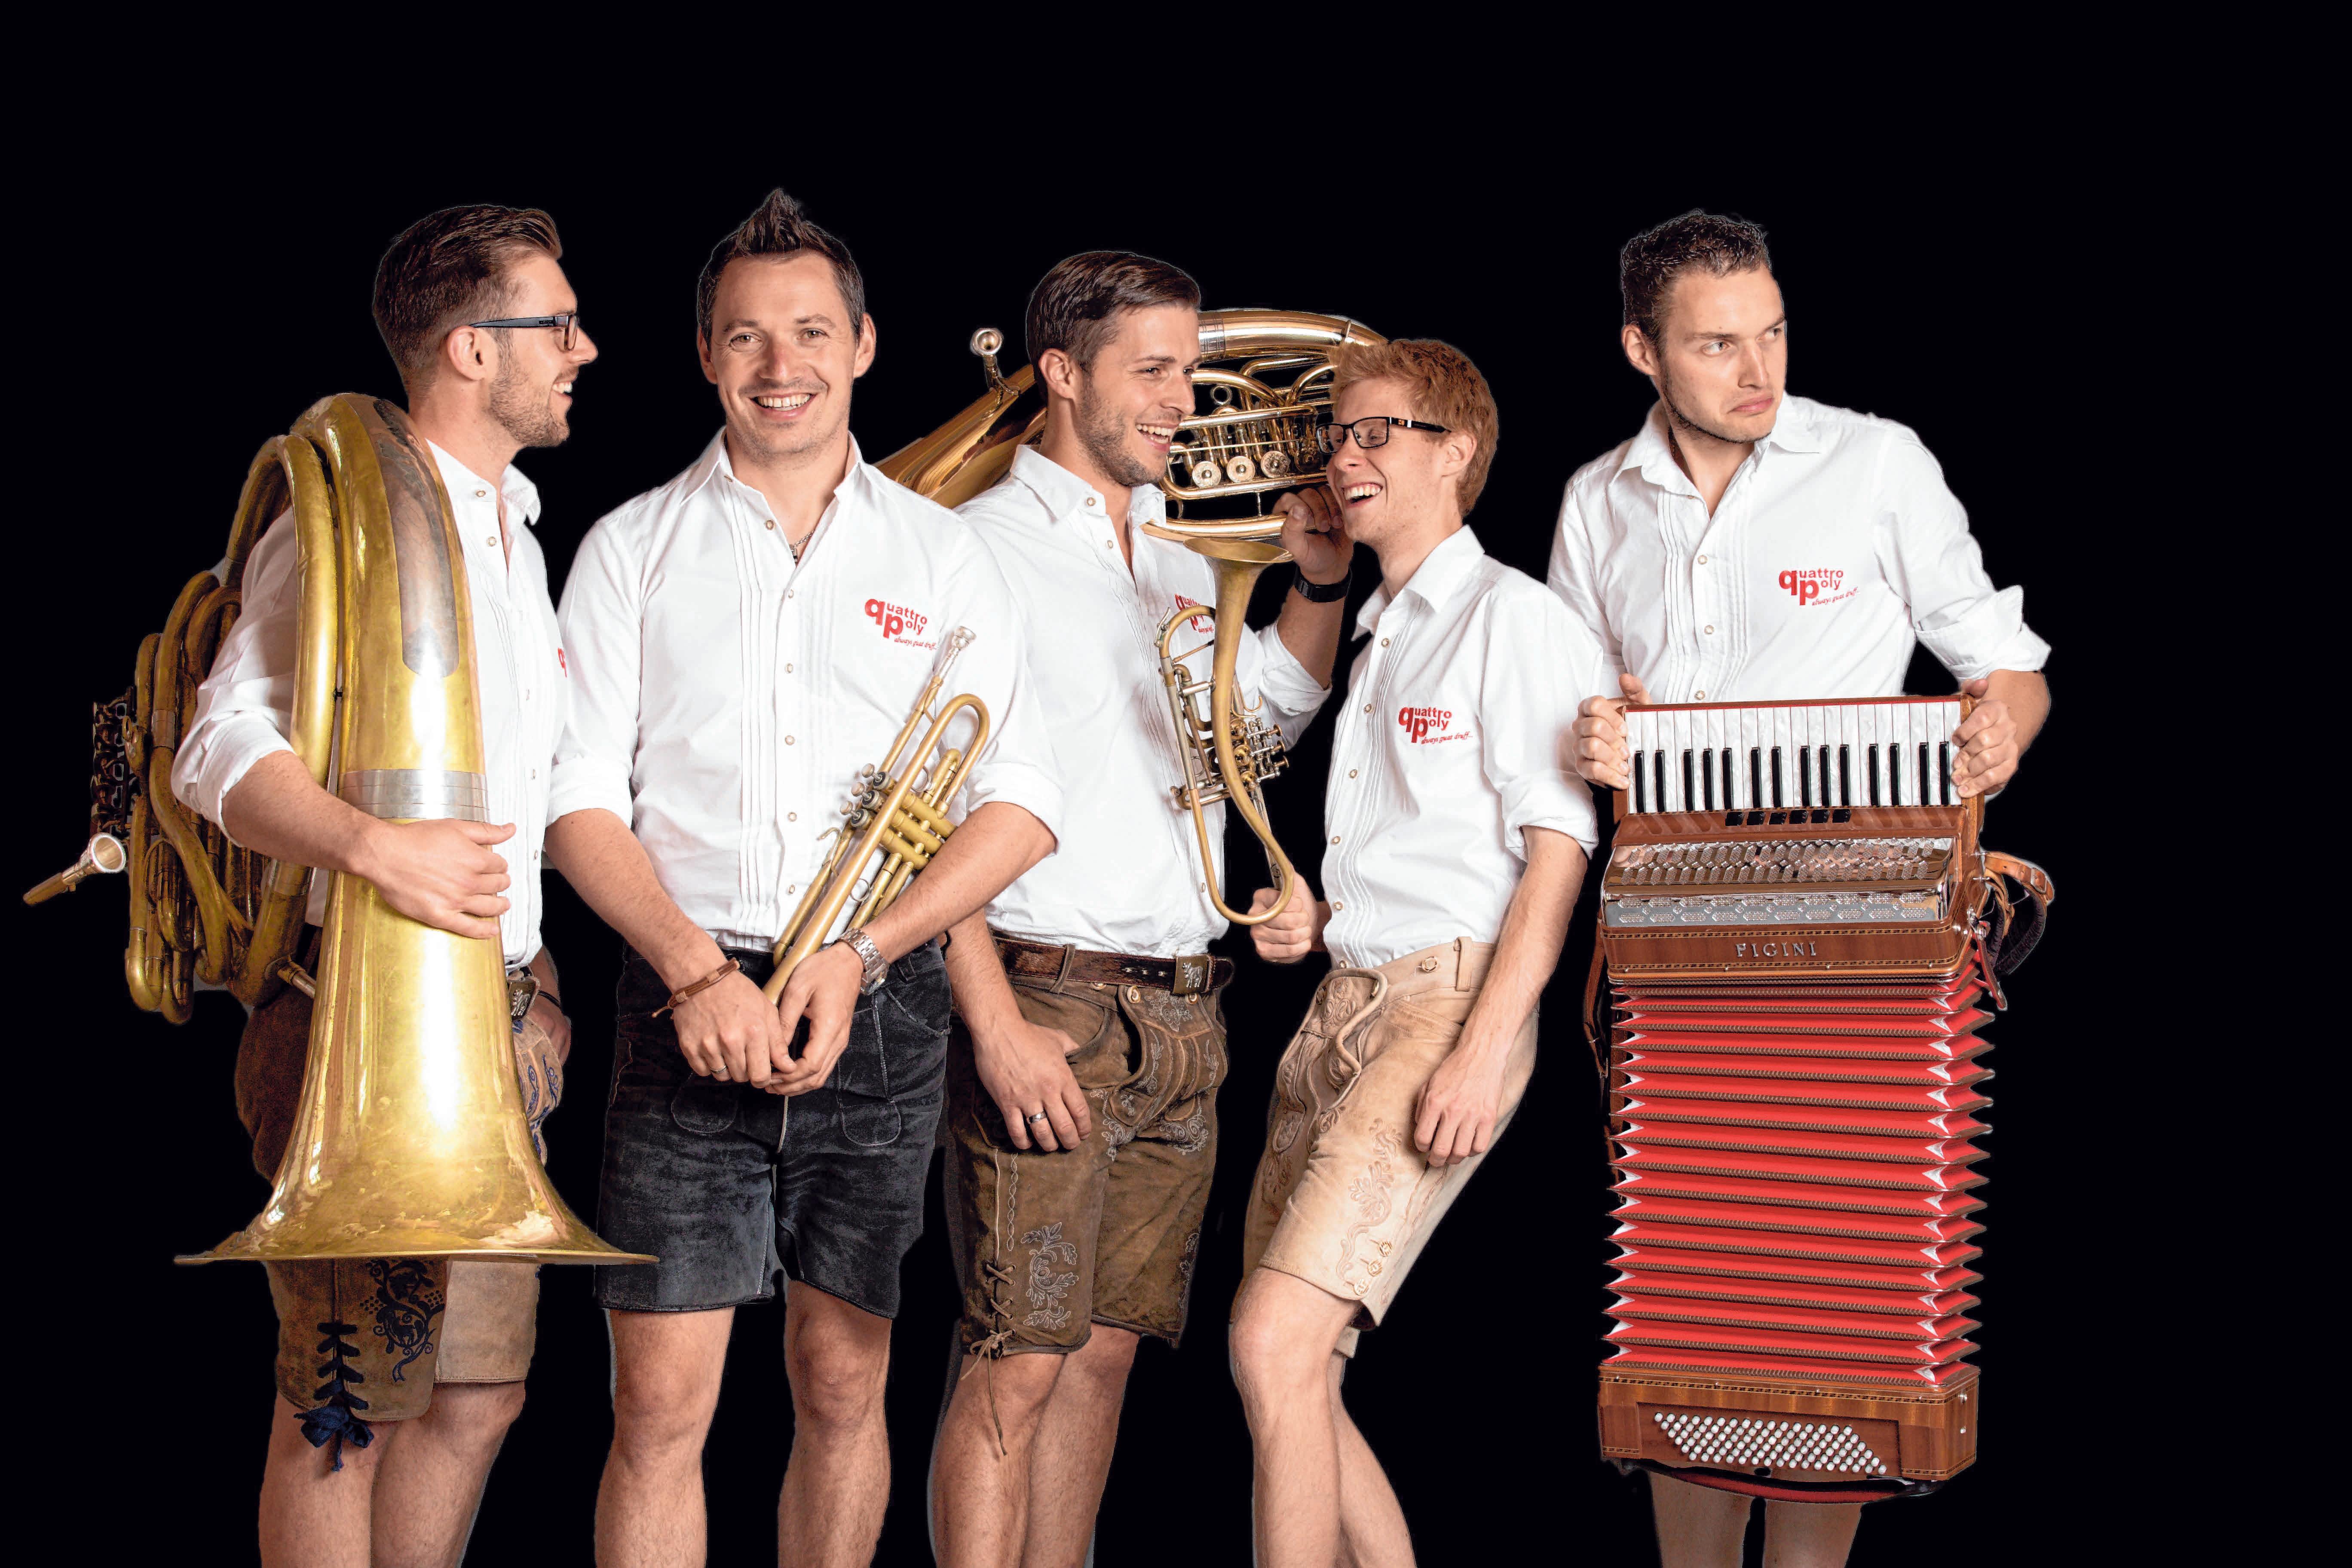 """Die Band """"Quattro Poly"""" ist bekannt für hochkarätige Blasmusik mit Solo-Einlagen und Gaudi. FOTO: PRIVAT"""